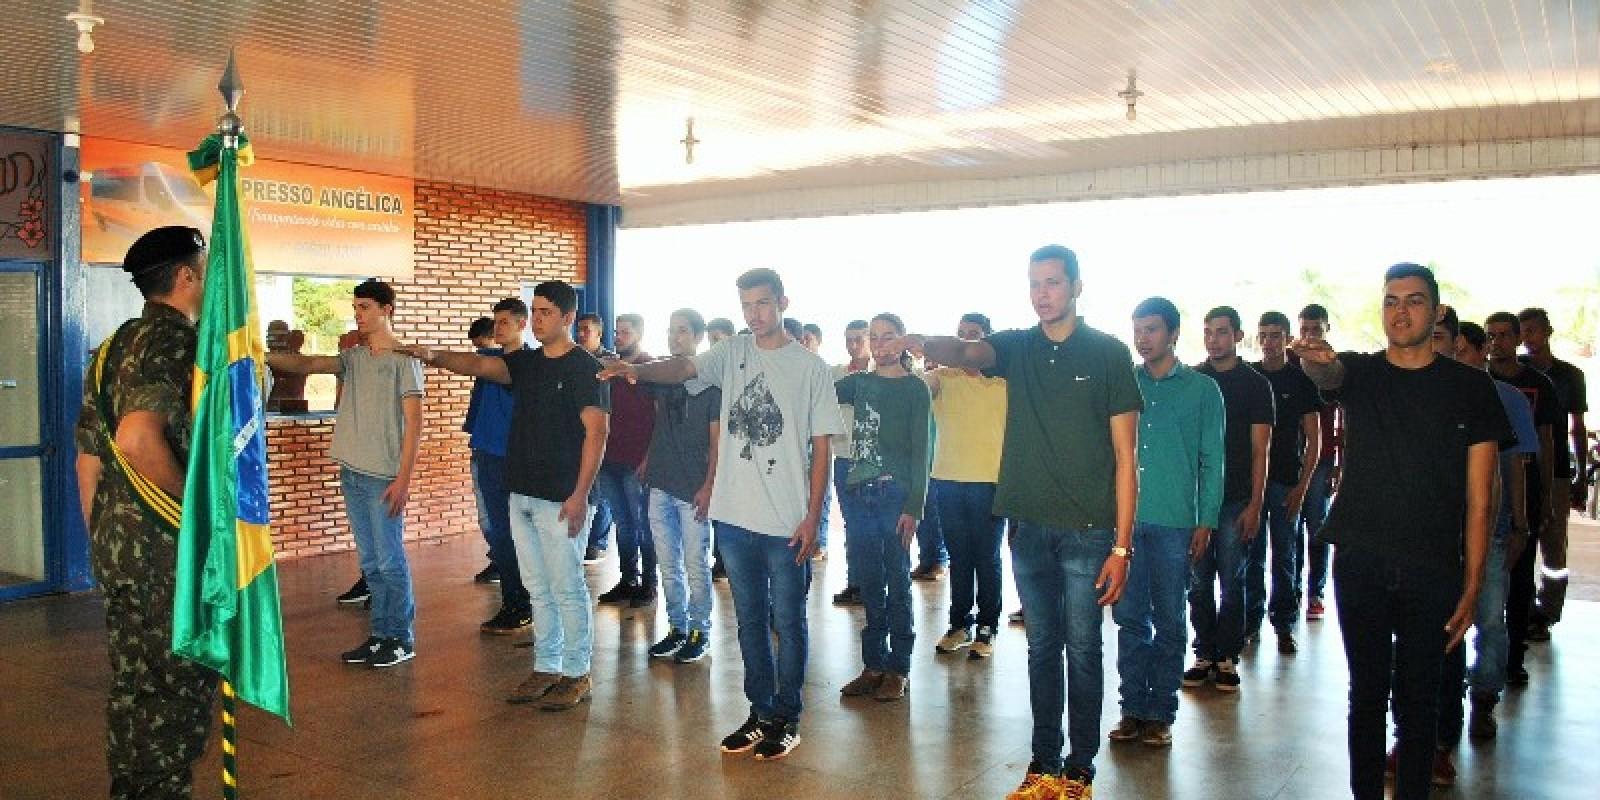 Exército entrega certificado de dispensa de incorporação a jovens no município de Angélica